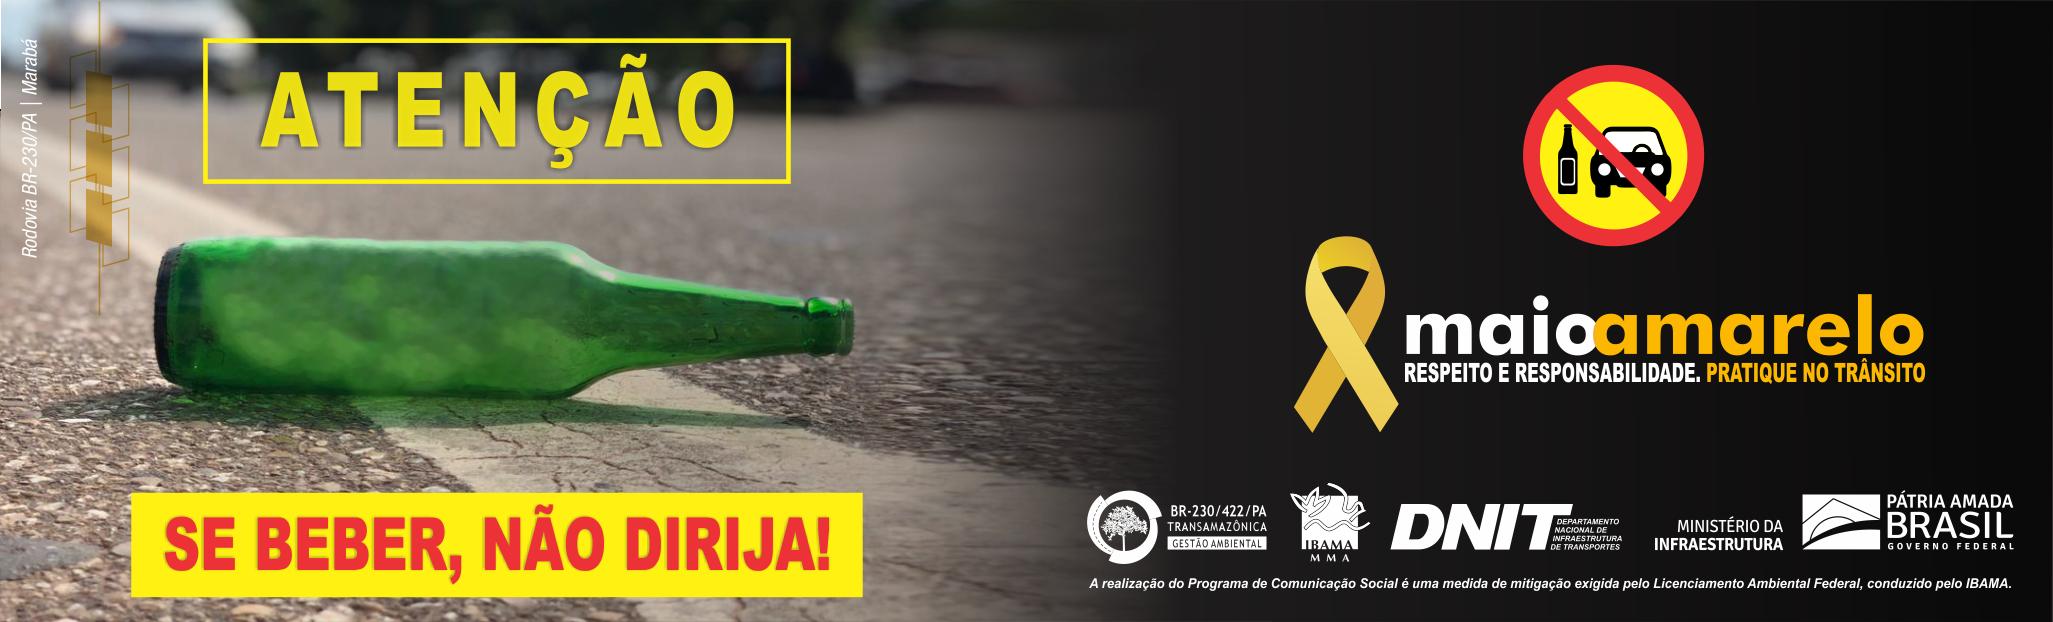 Banner-04-Maio-Amarelo-Garrafa-site